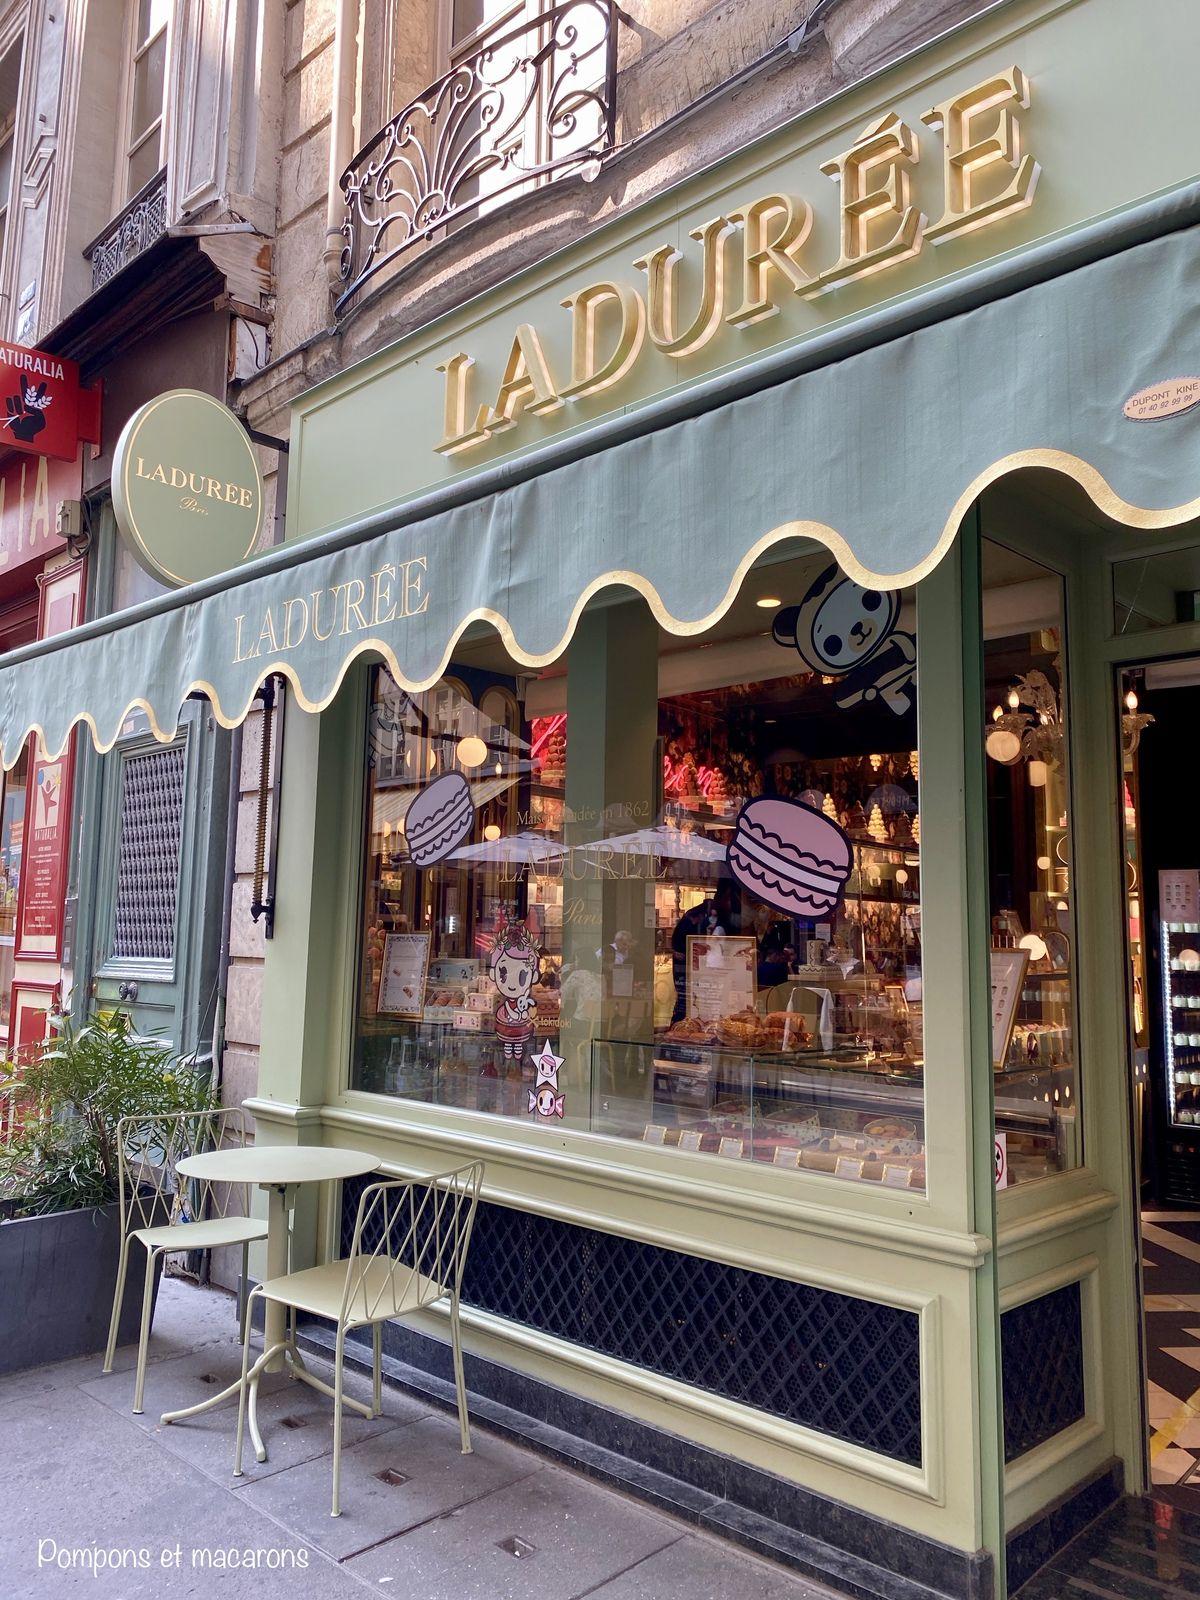 Passer devant chez Ladurée, mais ramener les macarons de chez Pierre Hermé (ceux que je préfère)!